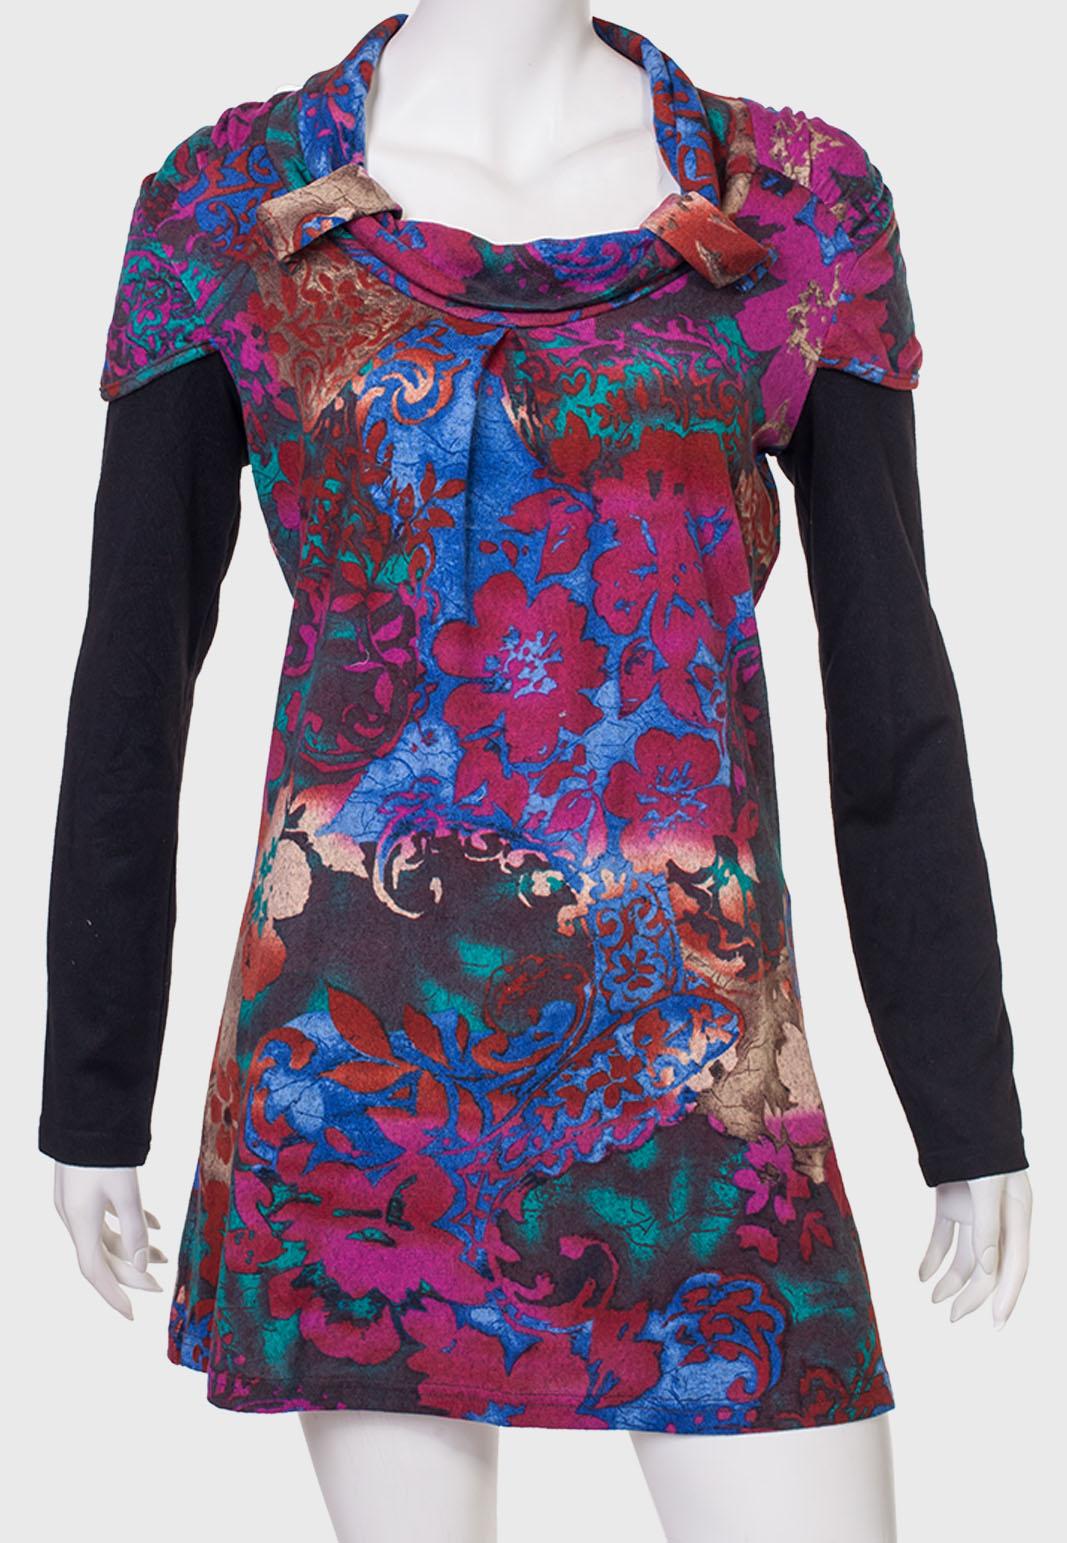 Купить гламурное платье с броским принтом от LONGBAO